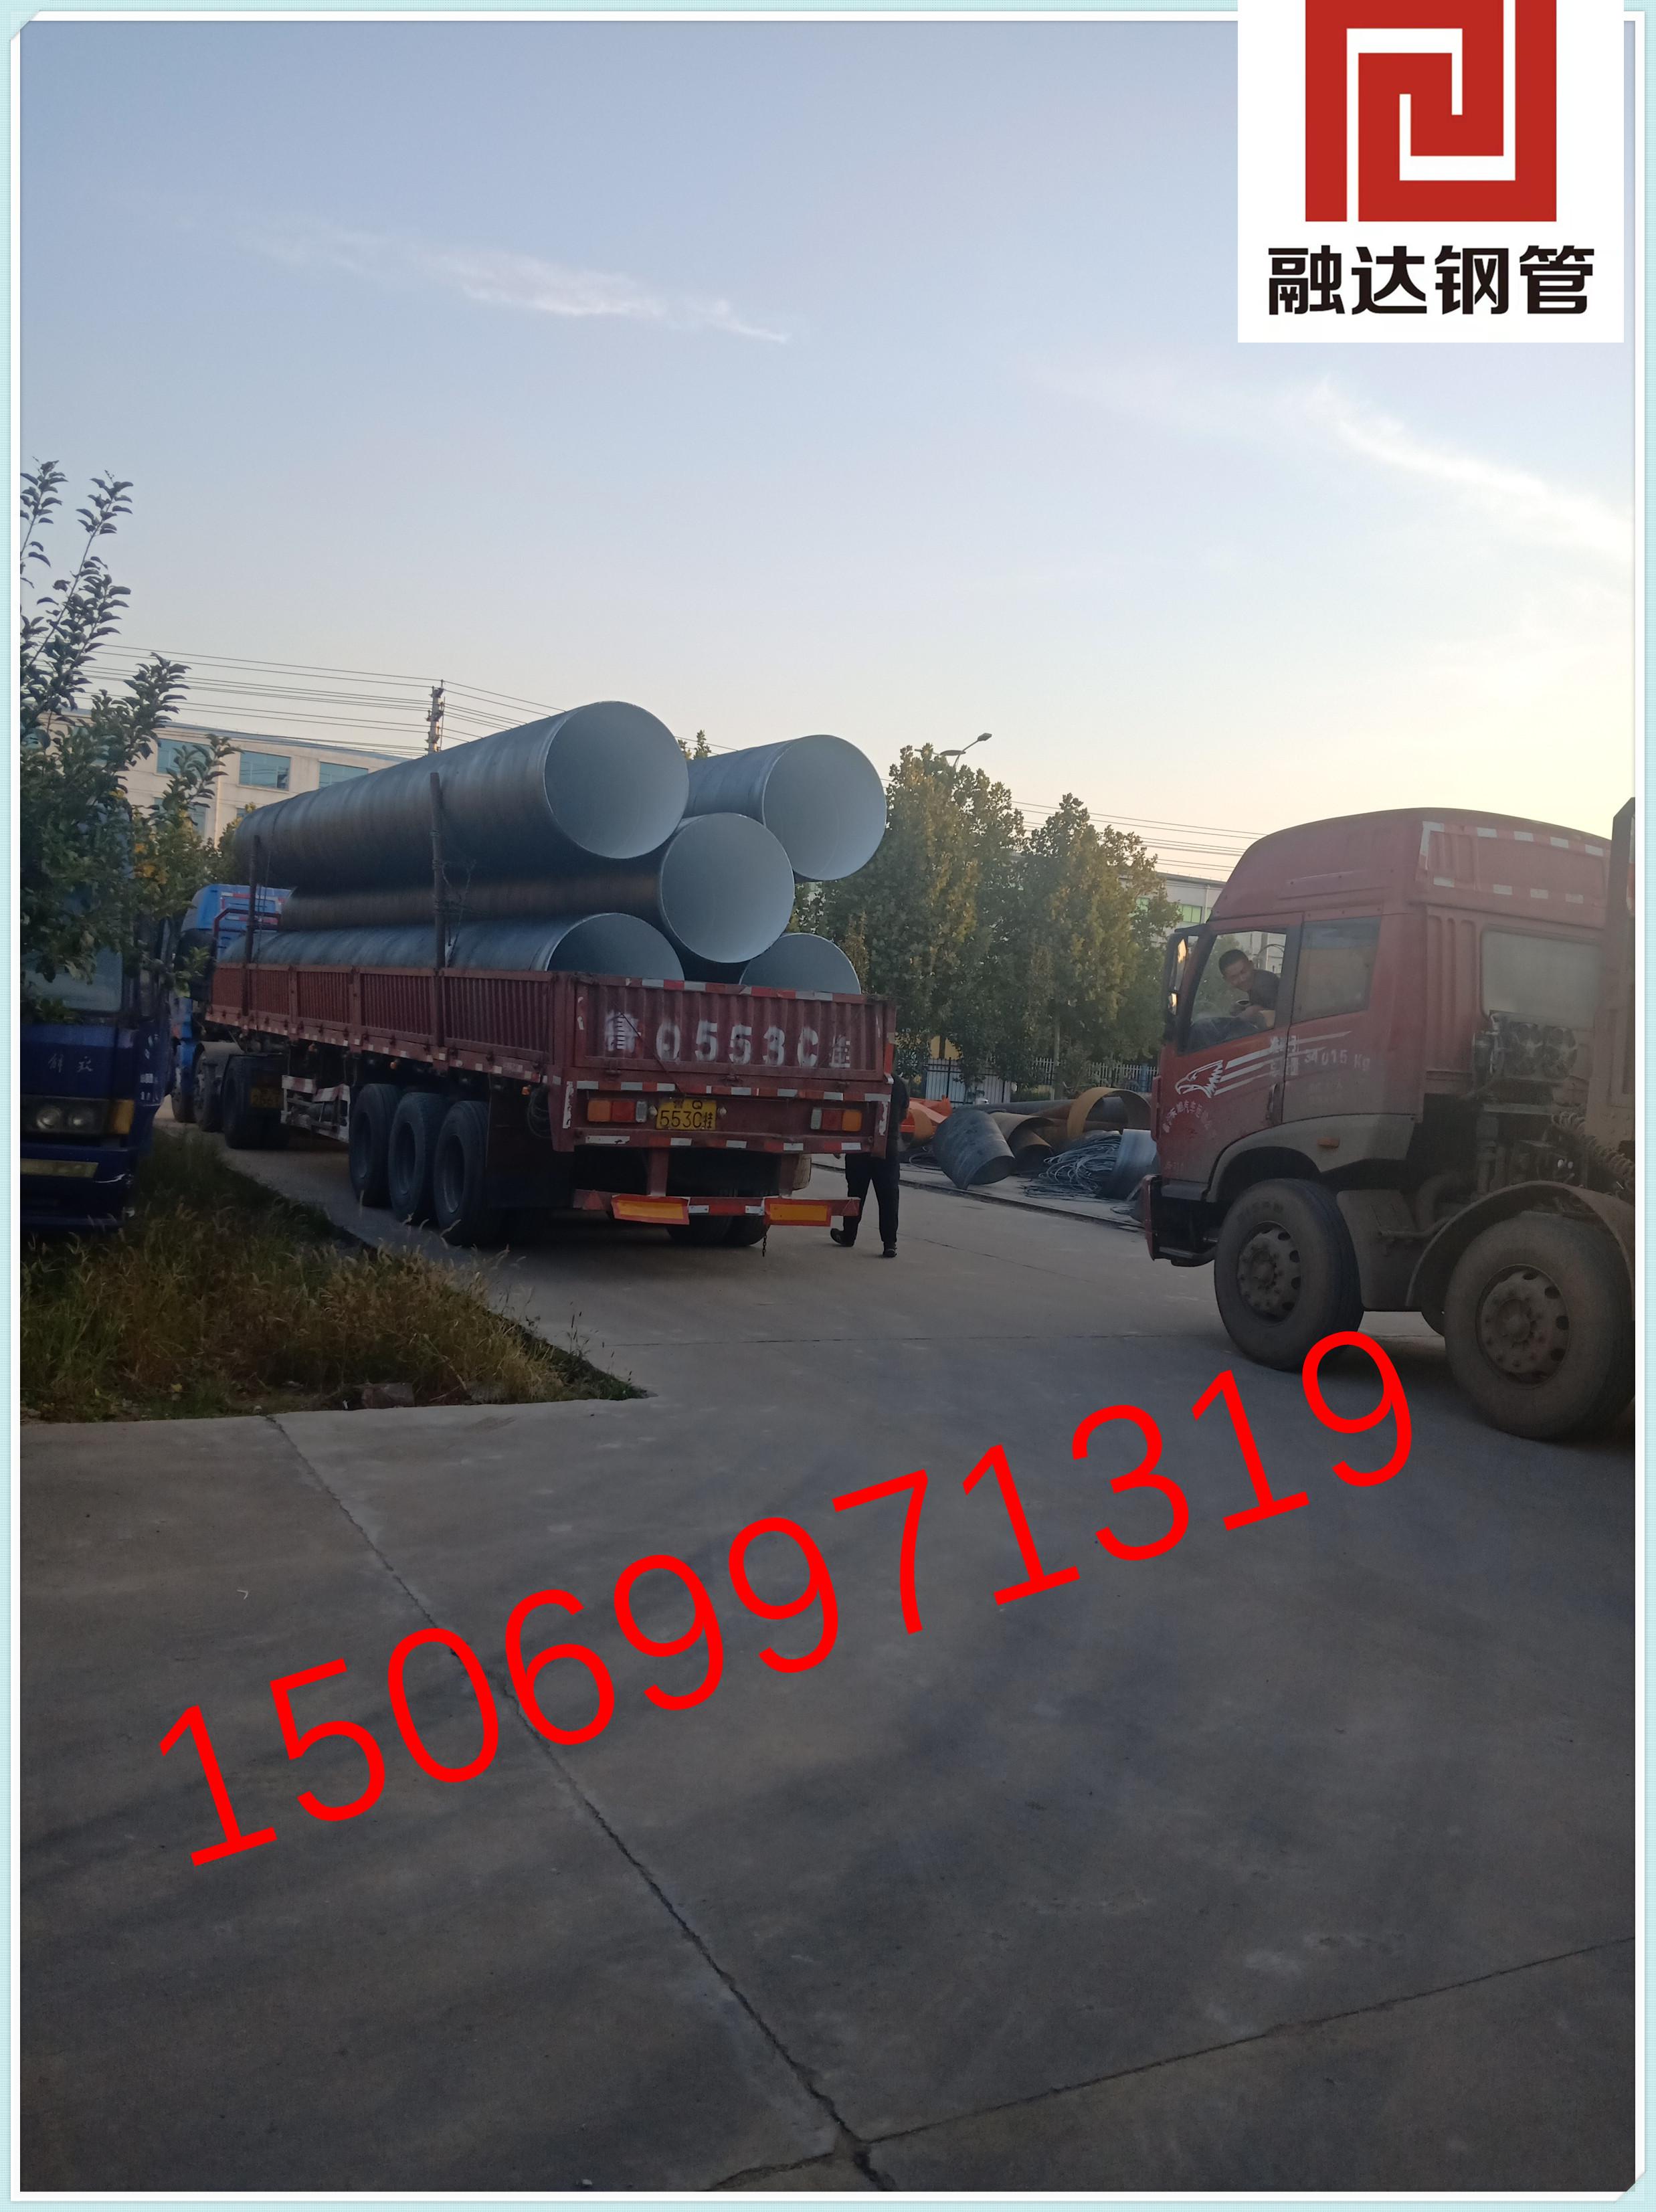 1000钢管市场价格 1000钢管生产厂家  1000螺旋焊接钢管批q235b1000螺旋焊接钢管批q235b